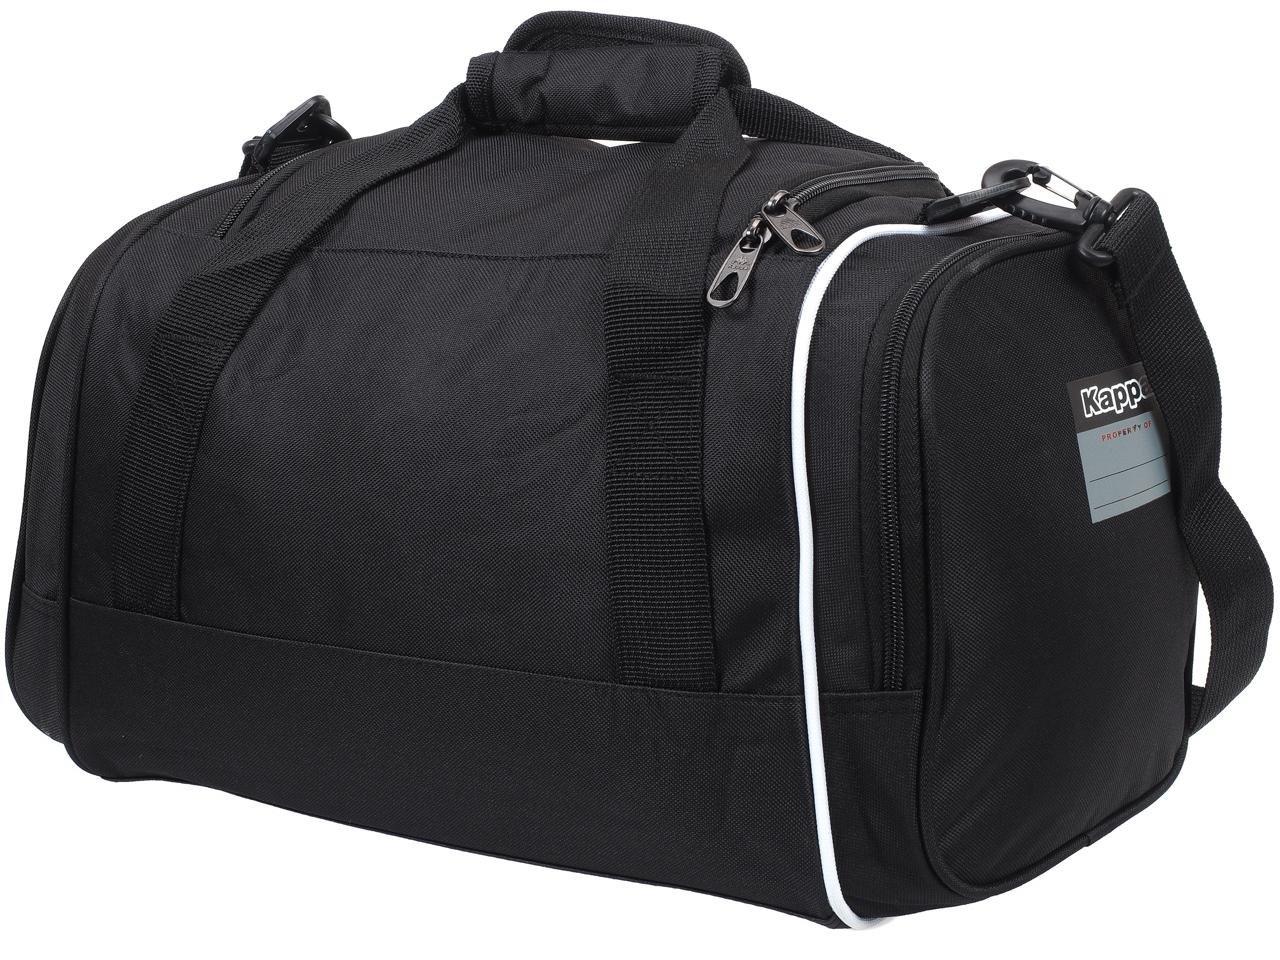 52cc137250 Kappa Borzino xs noir - Sac de sport - Noir - Taille Unique: Amazon.fr:  Sports et Loisirs